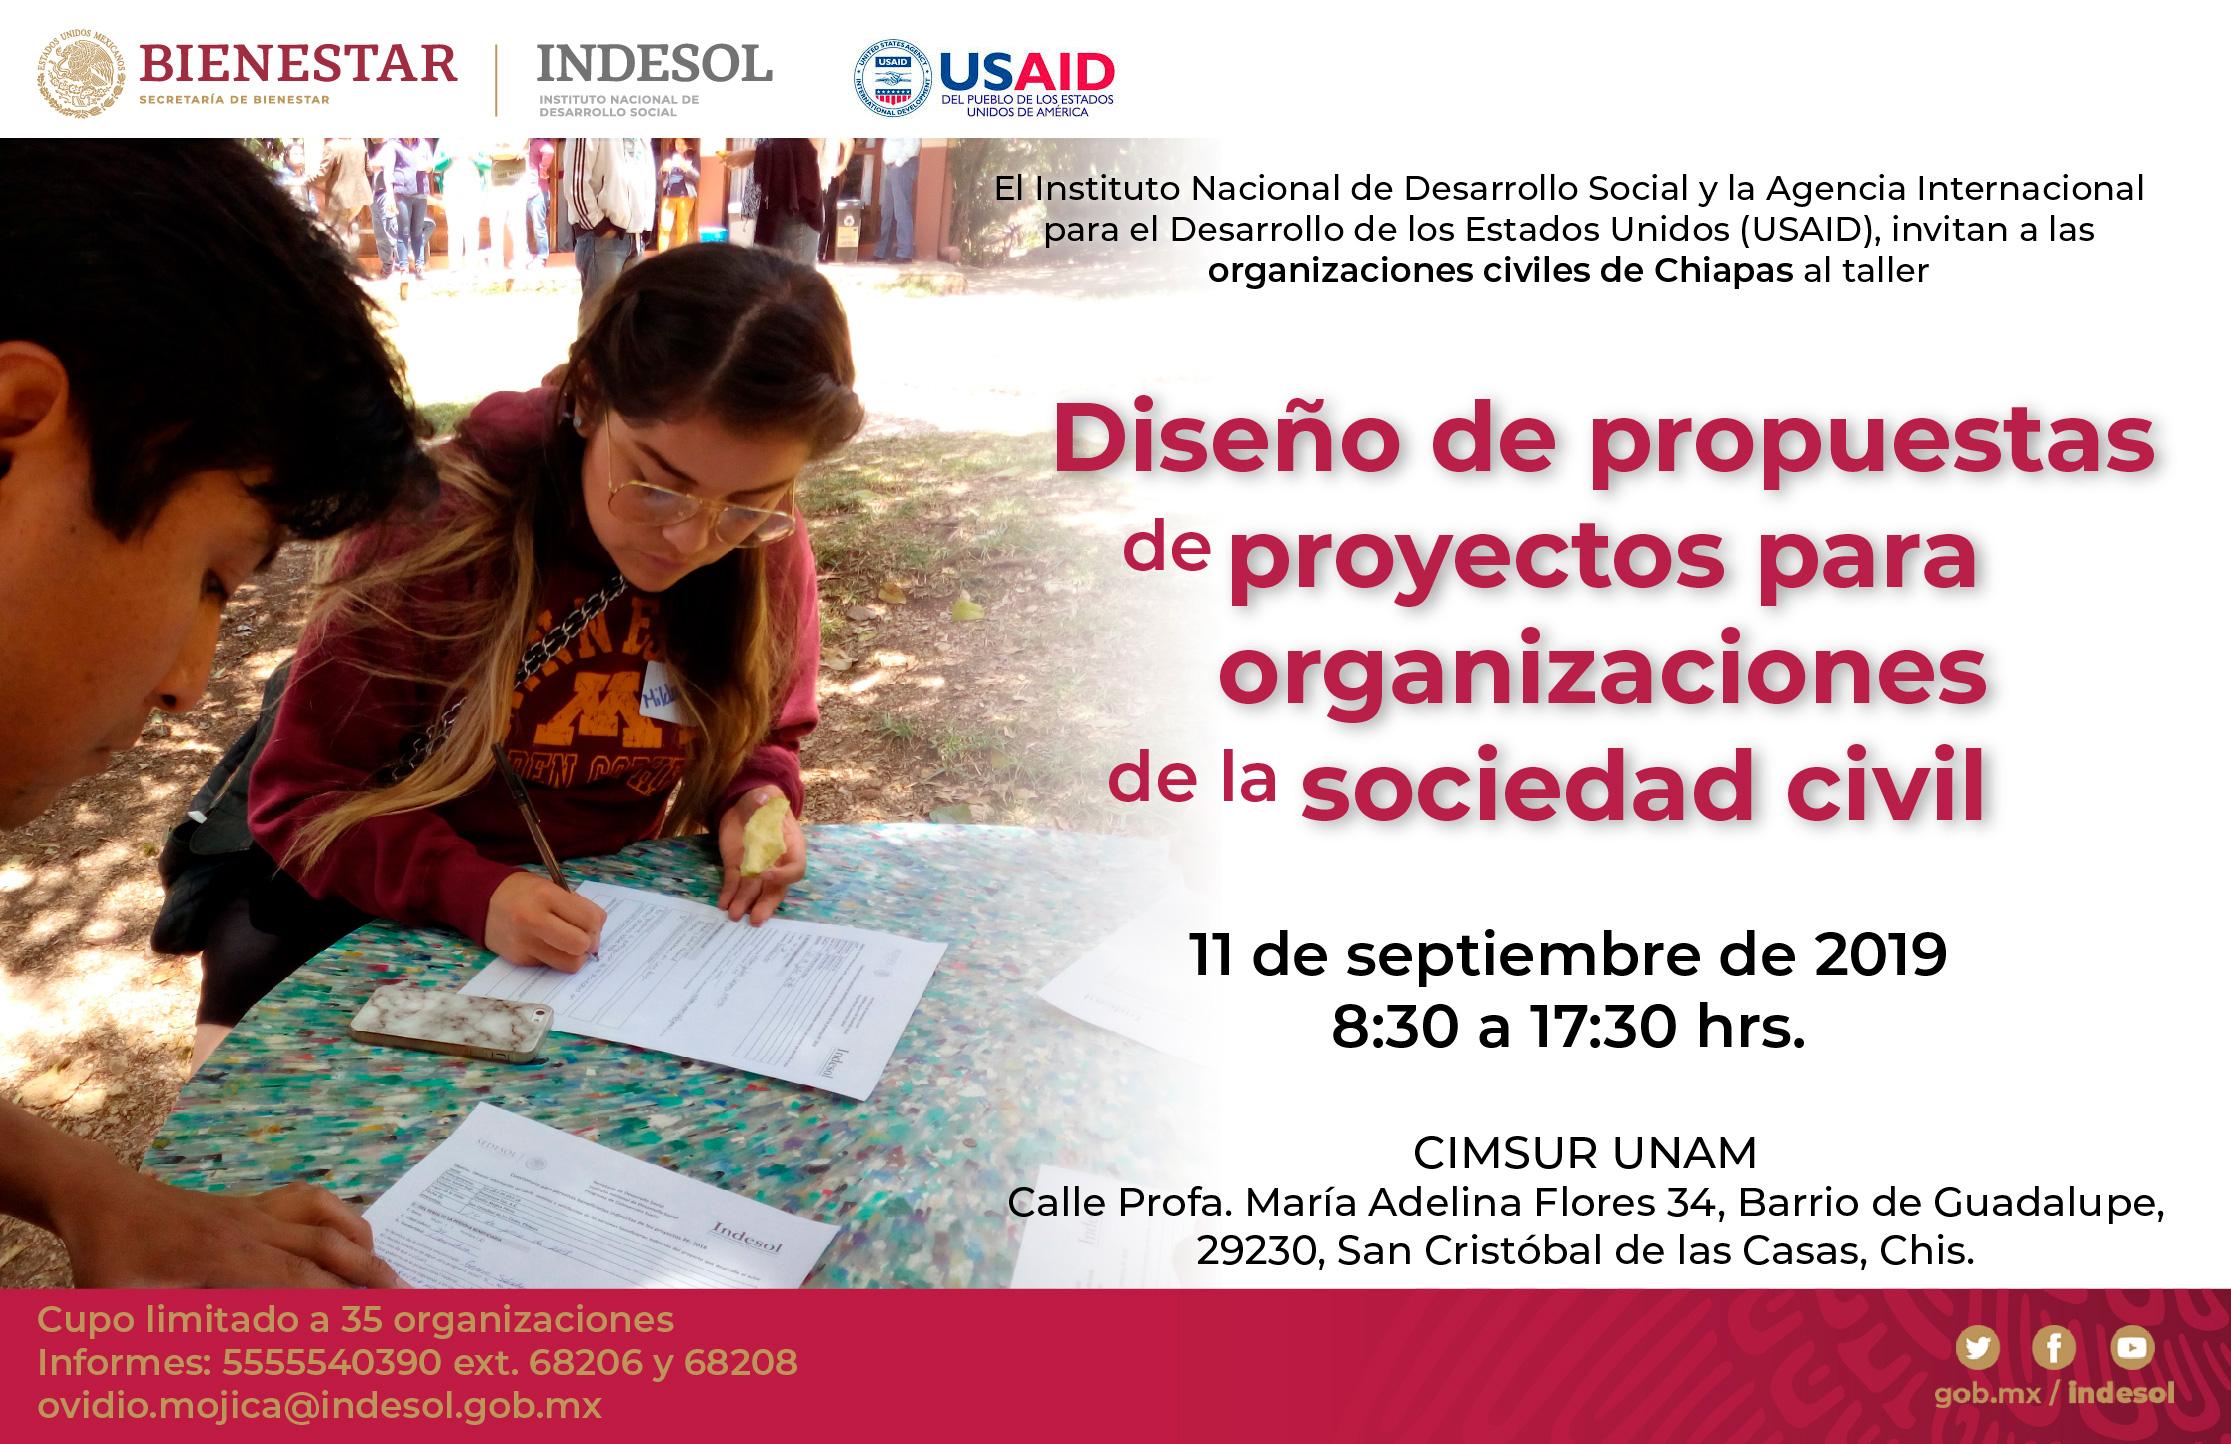 Banner invitación Diseño de propuestas de proyectos para organizaciones de la sociedad civil